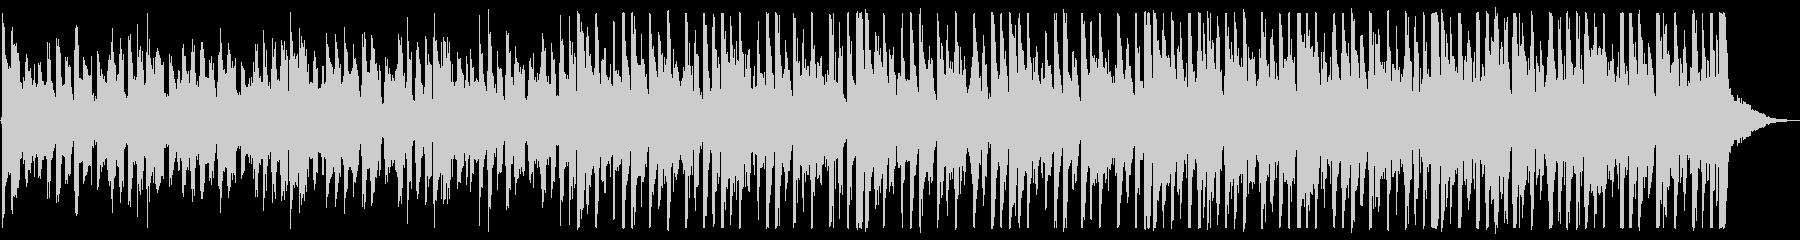 物静か/クール/R&B_No465_2の未再生の波形